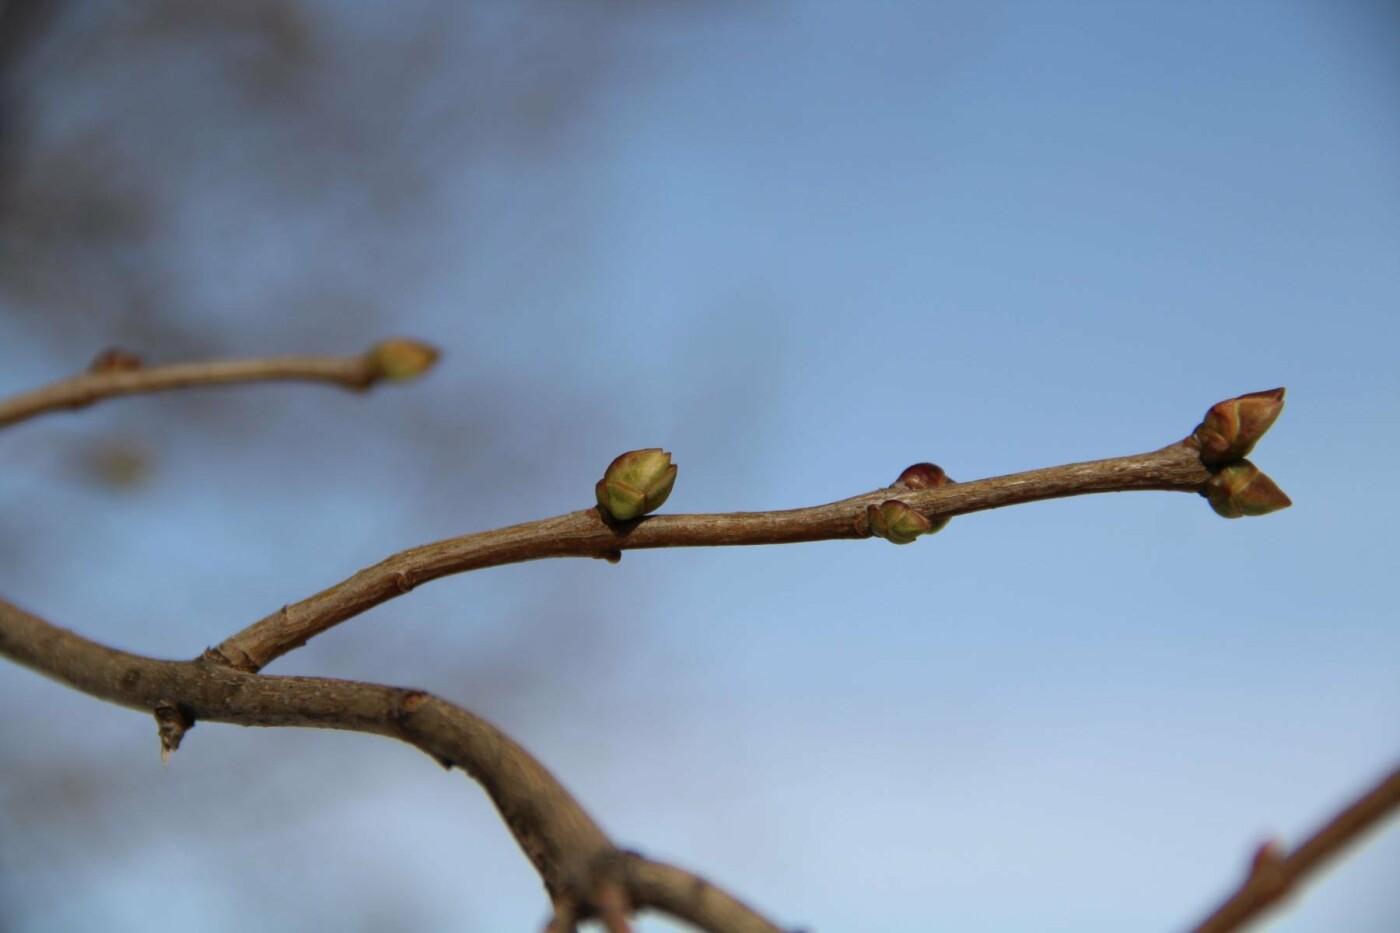 Аномалия или примета грядущего тепла: в Тамбове заметили первые почки на деревьях, фото-1